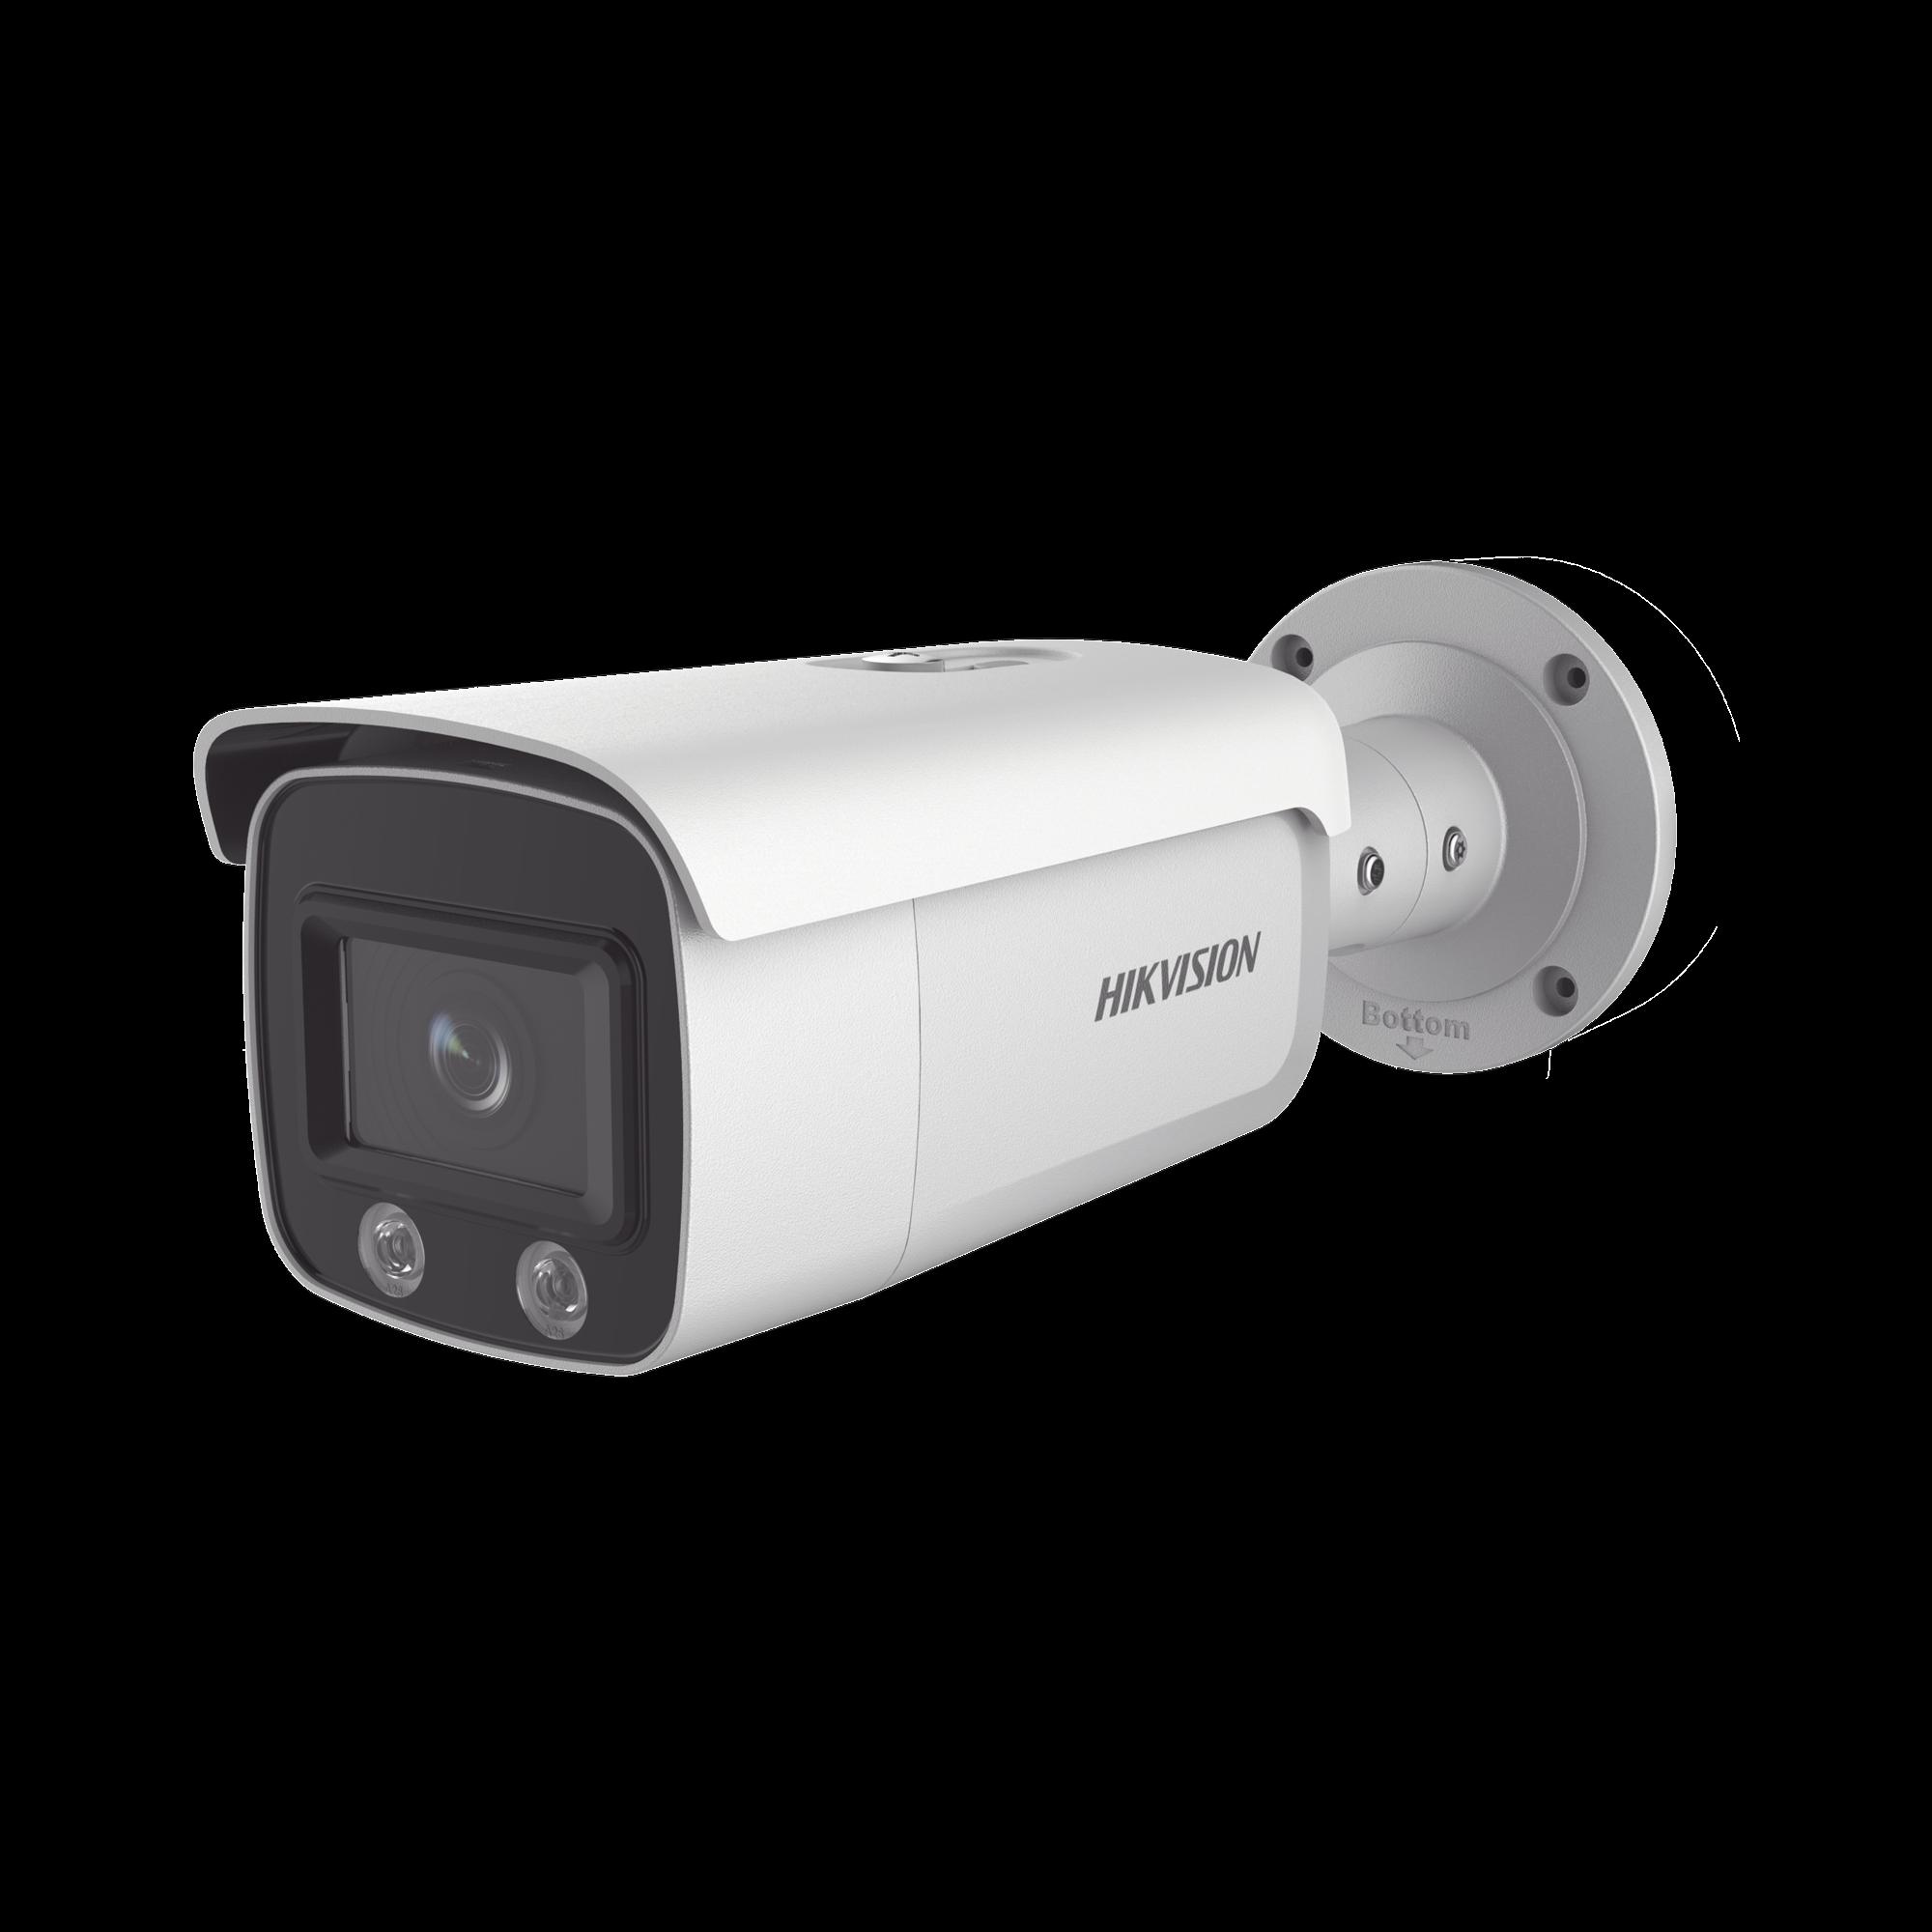 Bala IP 4 Megapixel / Imagen a Color 24/7 / PoE / Lente 4 mm / Luz Blanca 30 mts / IP67 / WDR 120 dB / Entrada y Salida de Audio y Alarmas